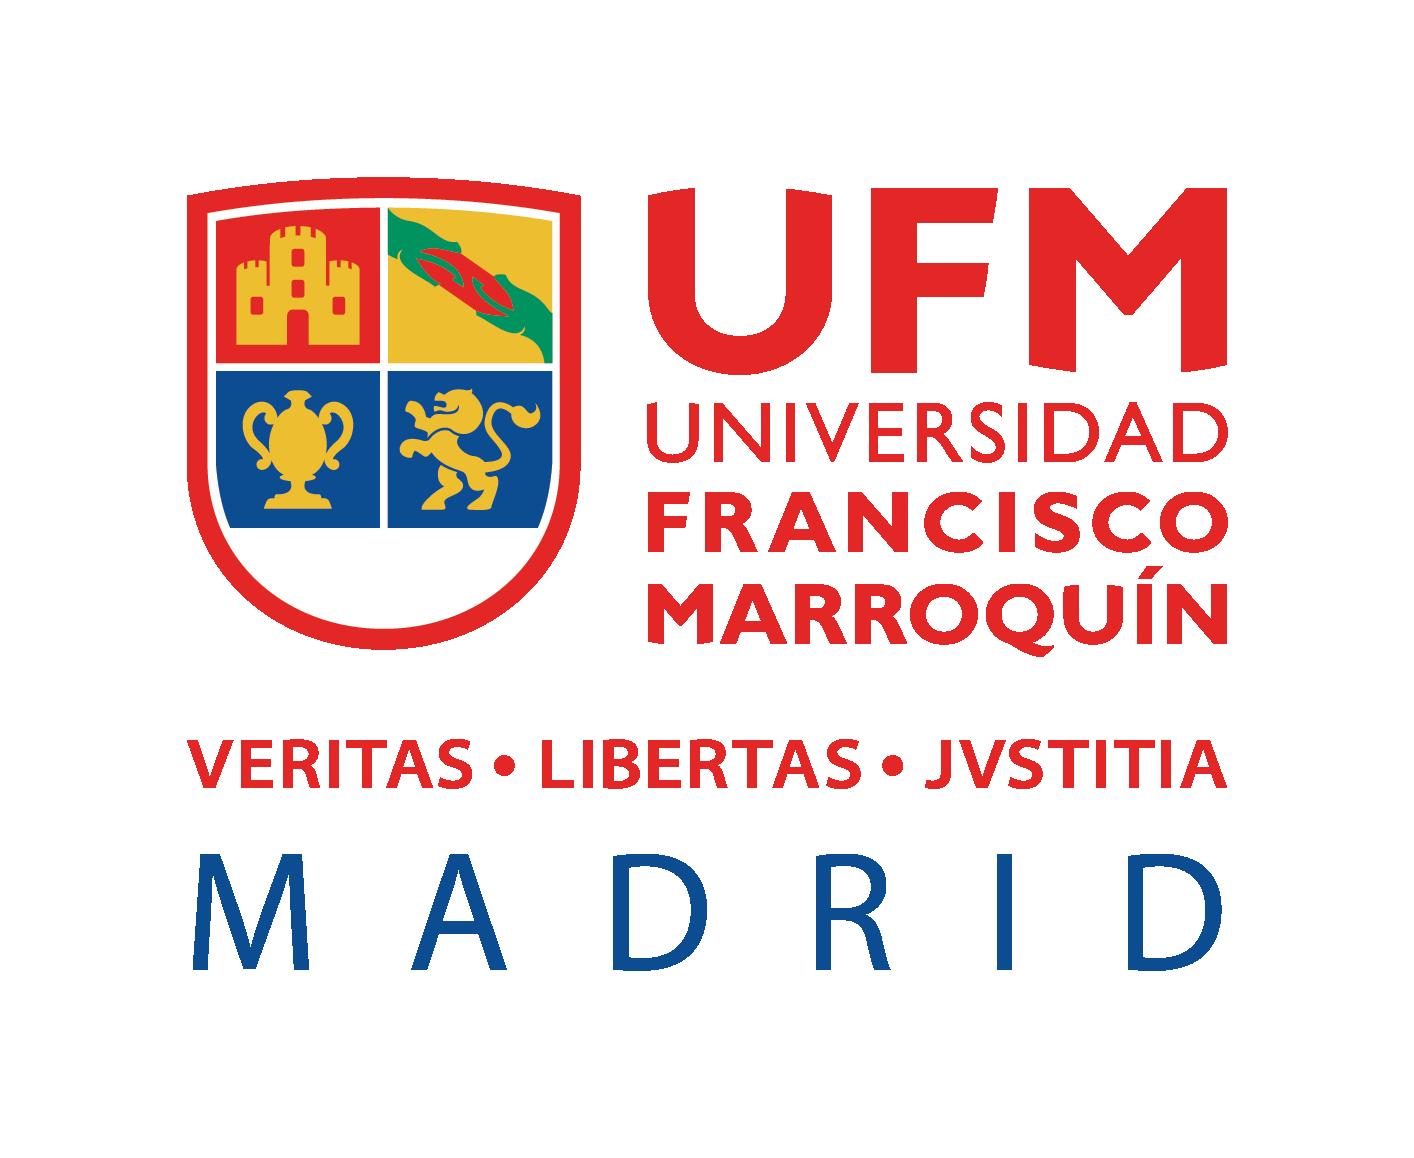 Universidad Francisco Marroquin Madrid